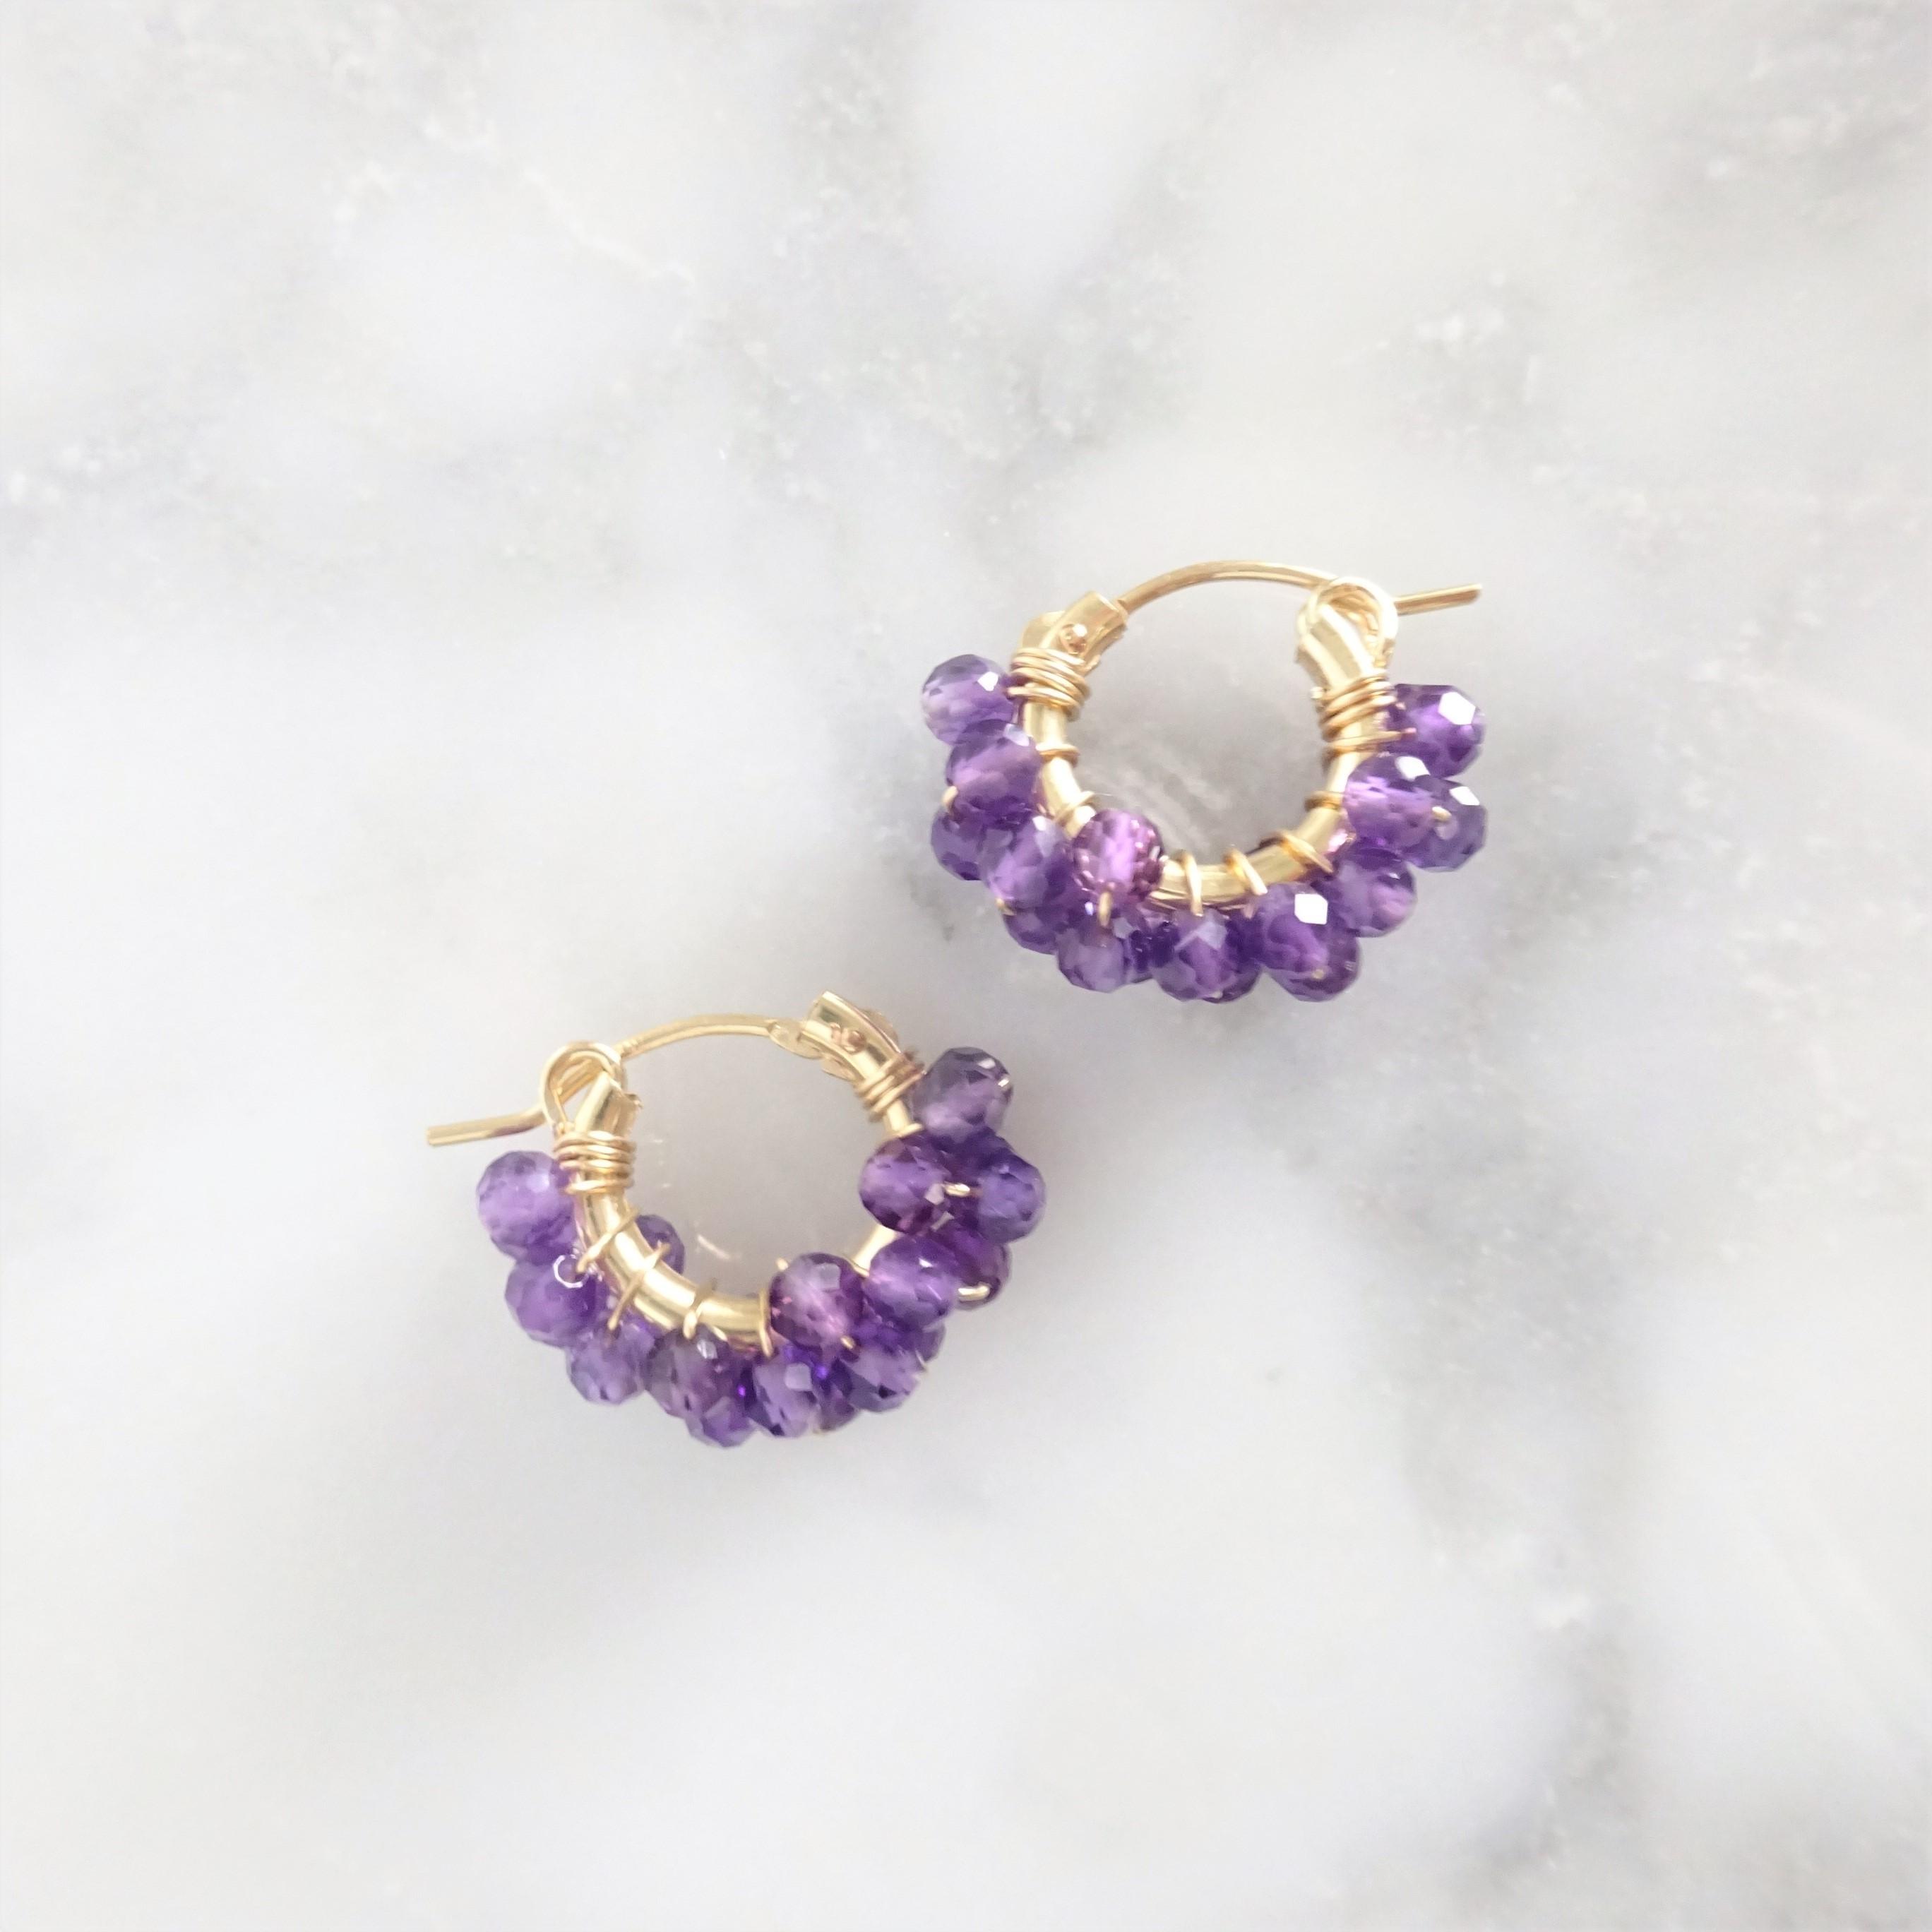 送料無料14kgf*Amethyst pavé pierced earring / earring